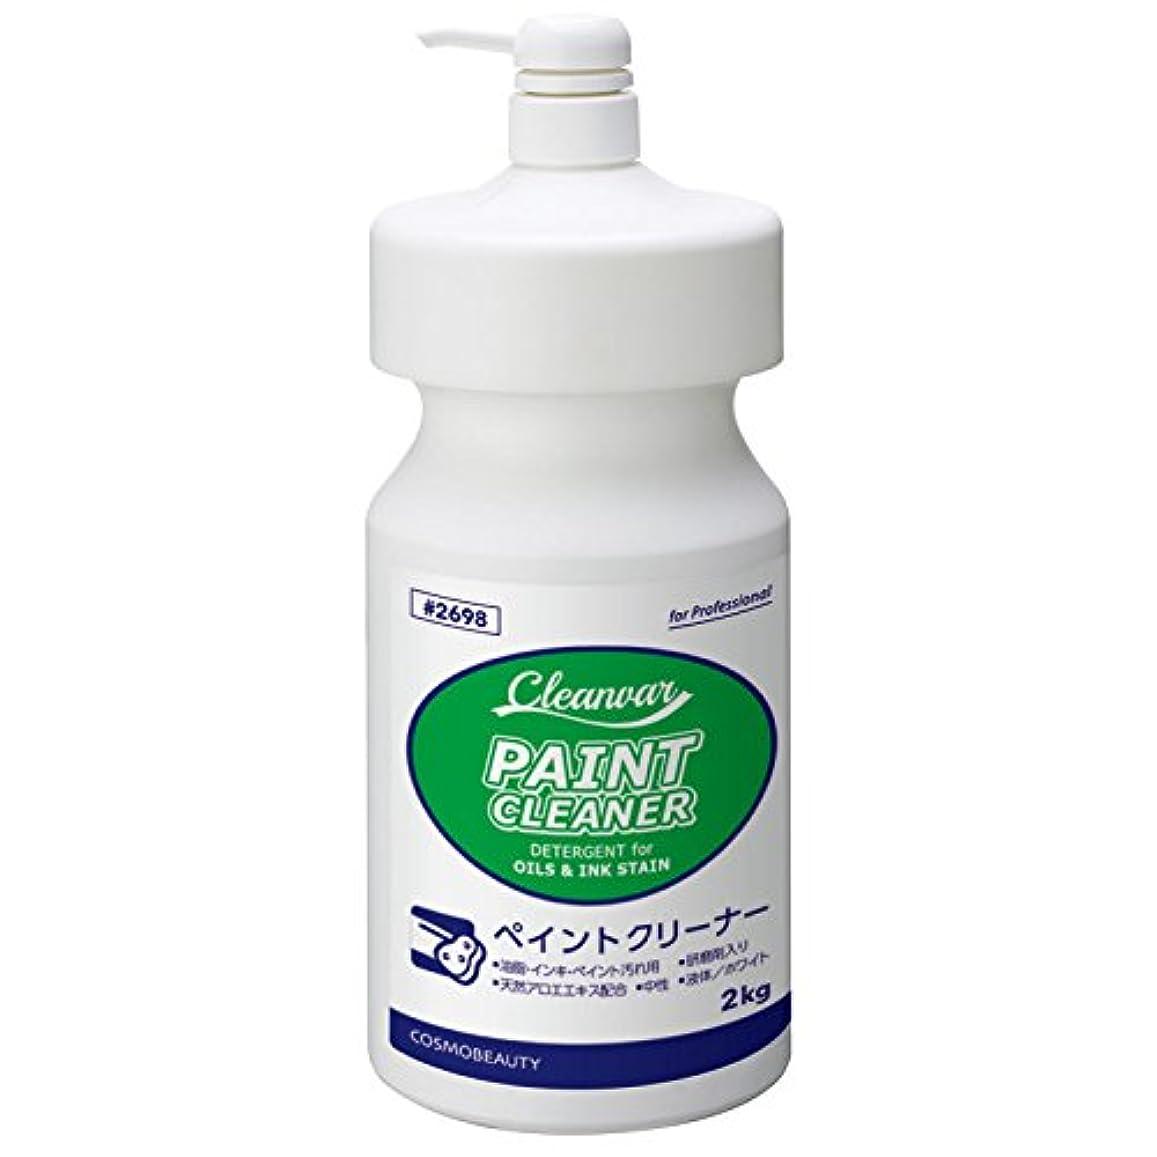 契約する前兆療法コスモビューティー 業務用ペンキ落とし洗剤 ペイントクリーナー(旧名:アロエペイントクリーナー)2kg 2698